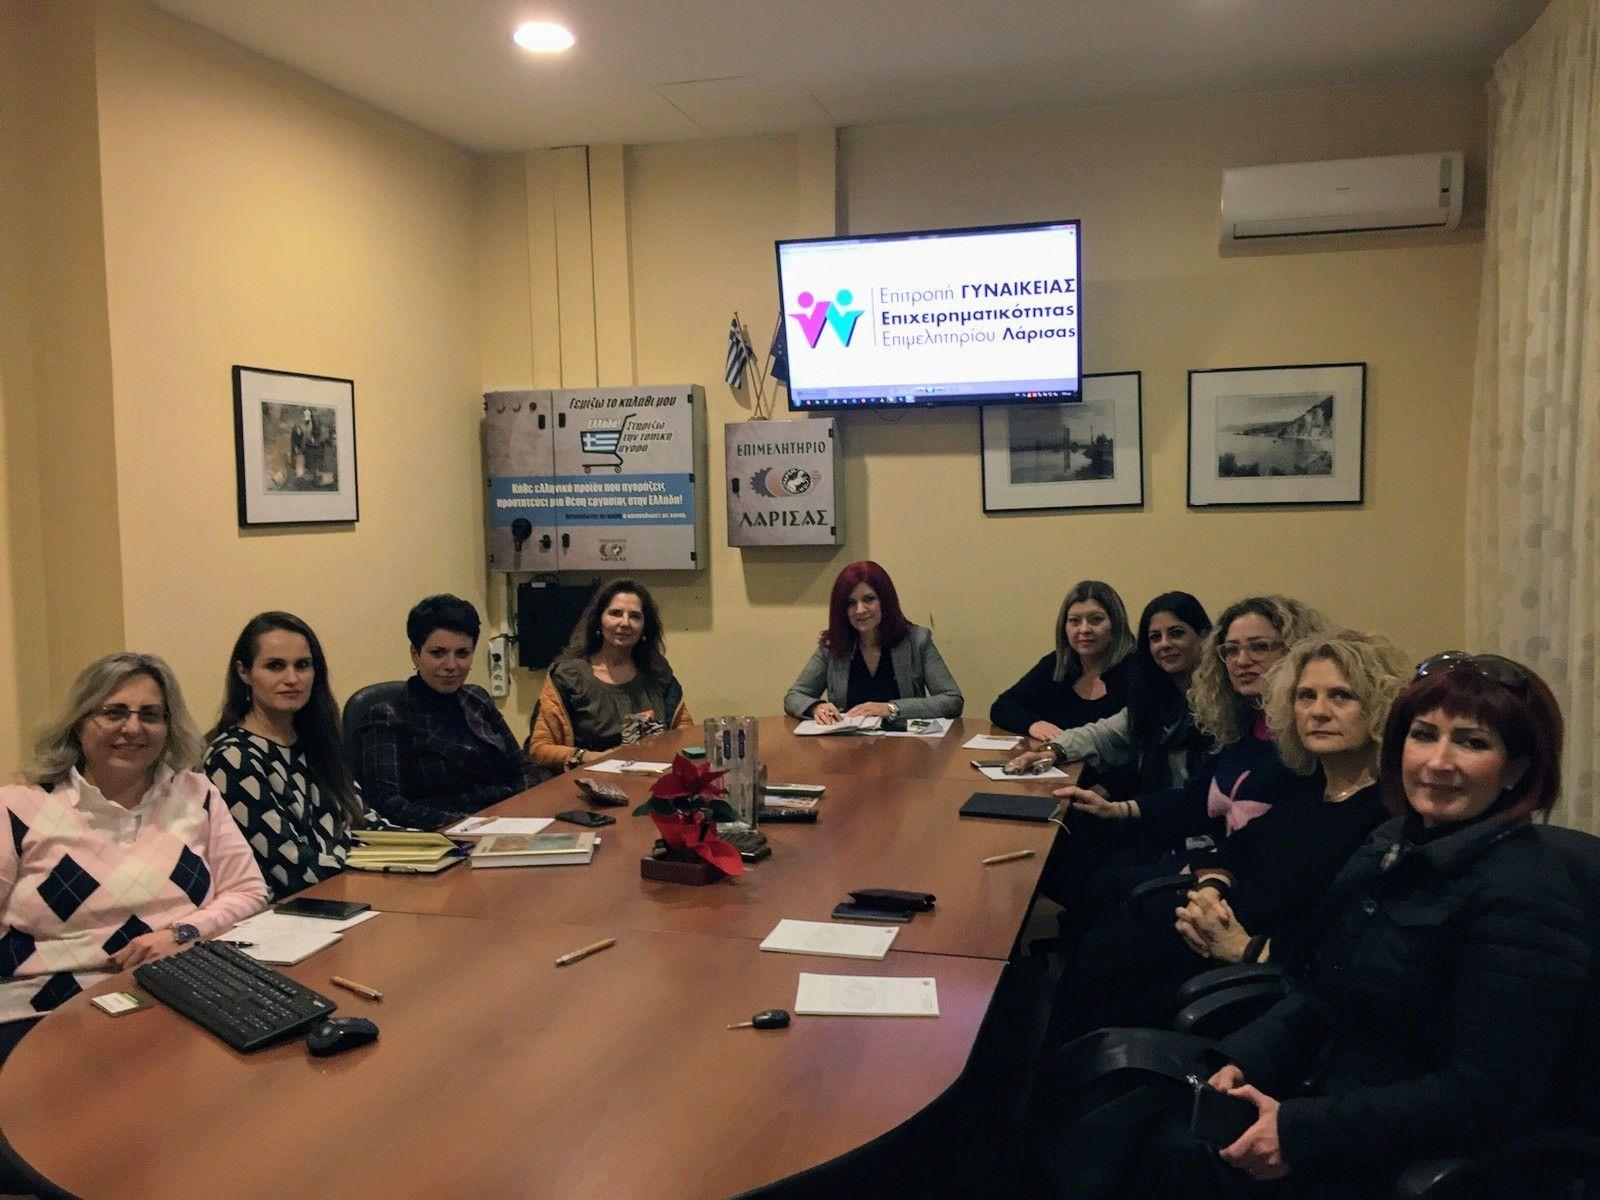 Σύσταση Επιτροπής Γυναικείας Επιχειρηματικότητας στο Επιμελητήριο Λάρισας